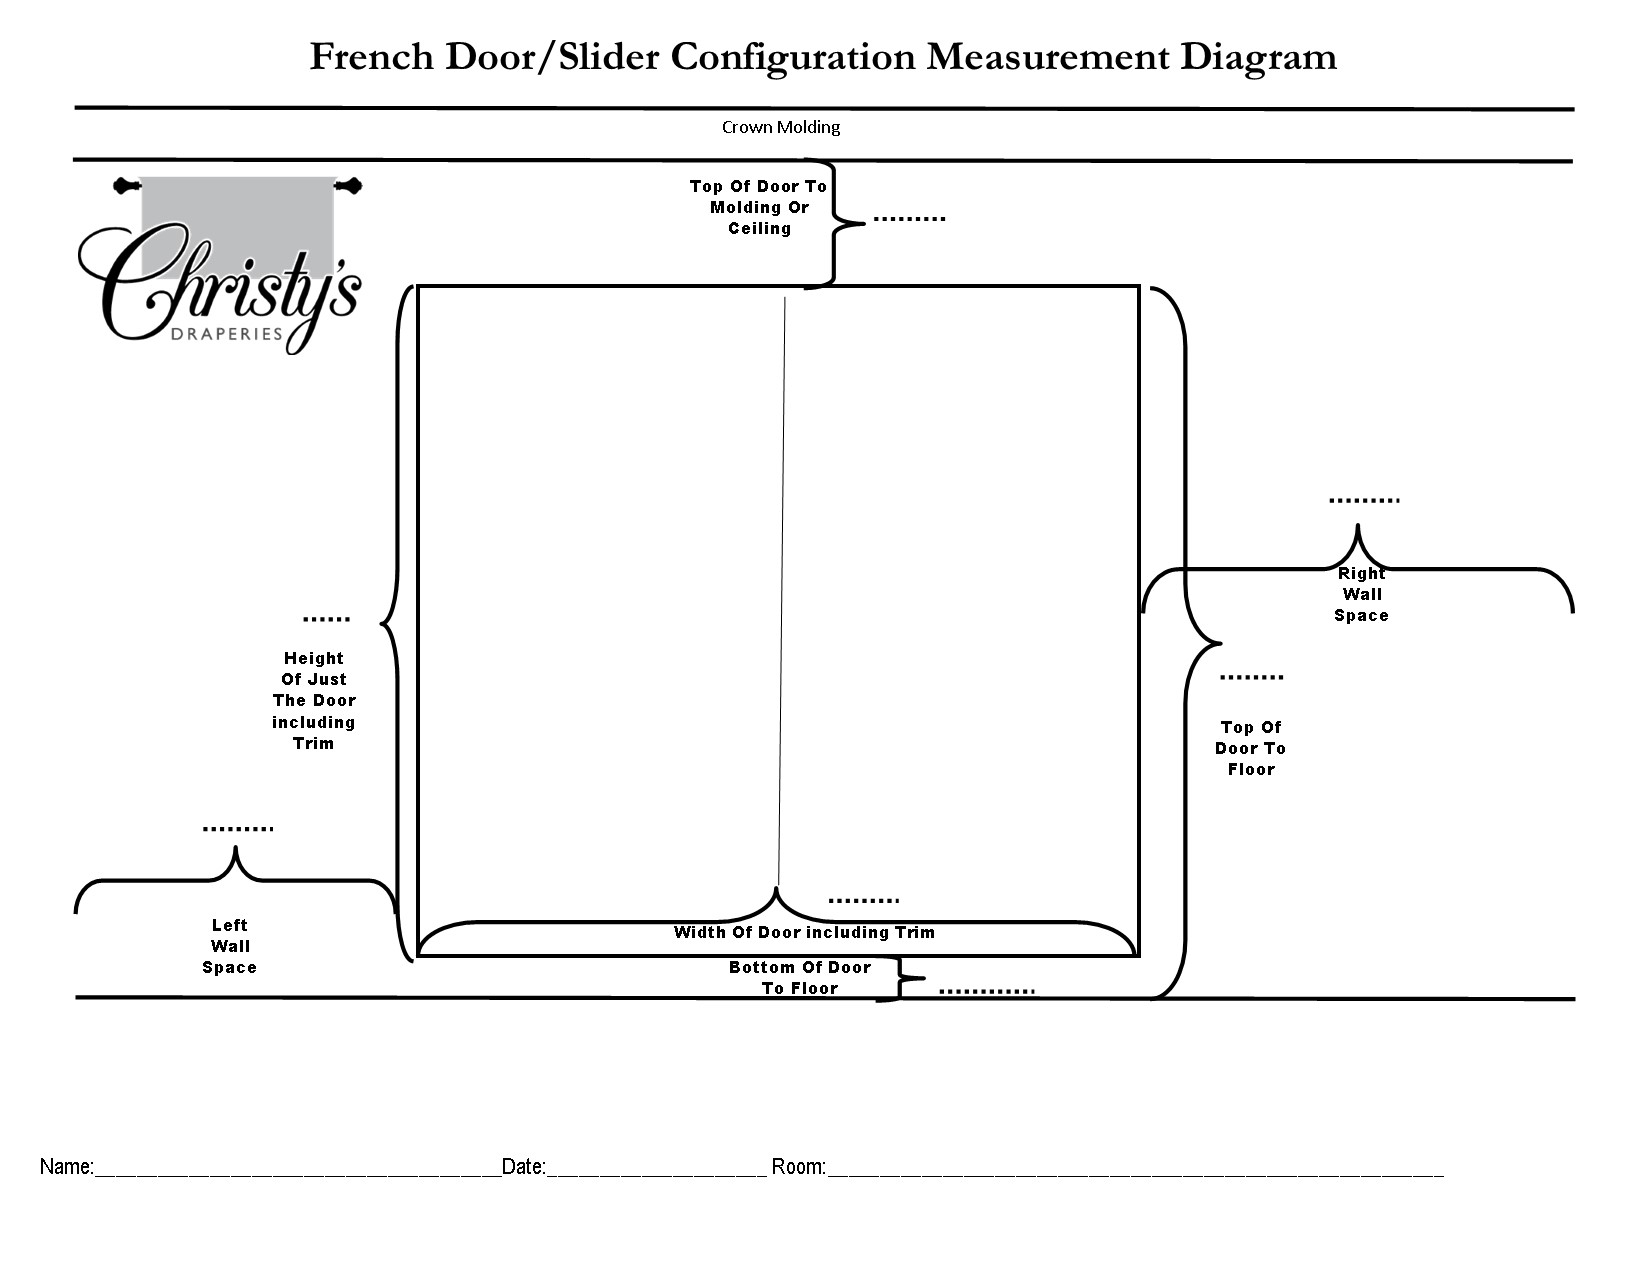 french-door-slider-measurement-diagram.jpg